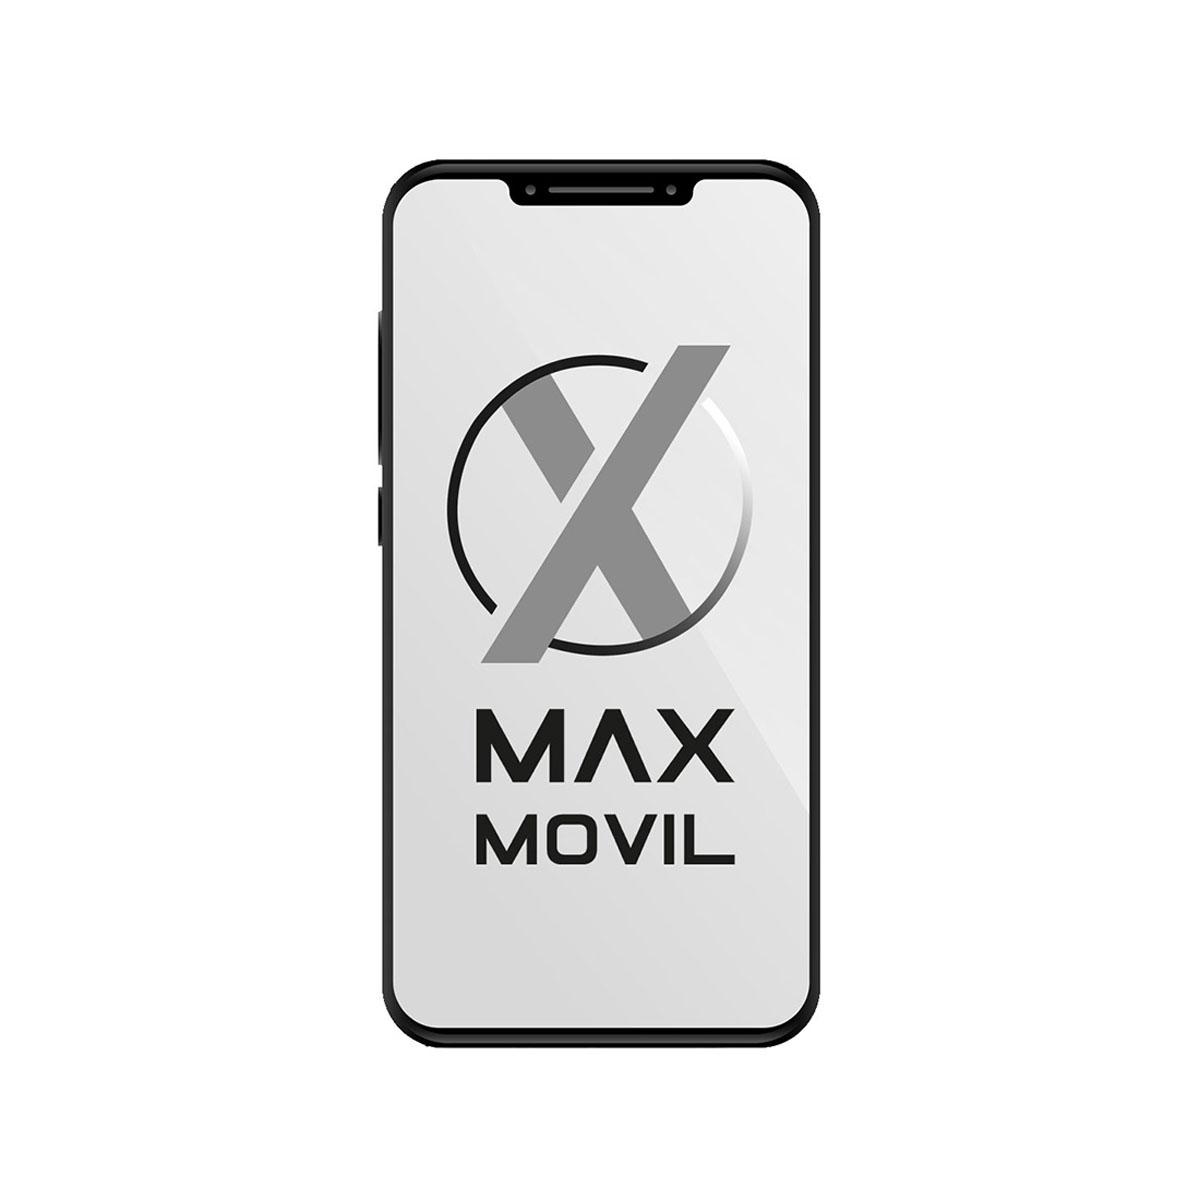 Apple iPhone 5S Silver 16 GB REACONDICIONADO